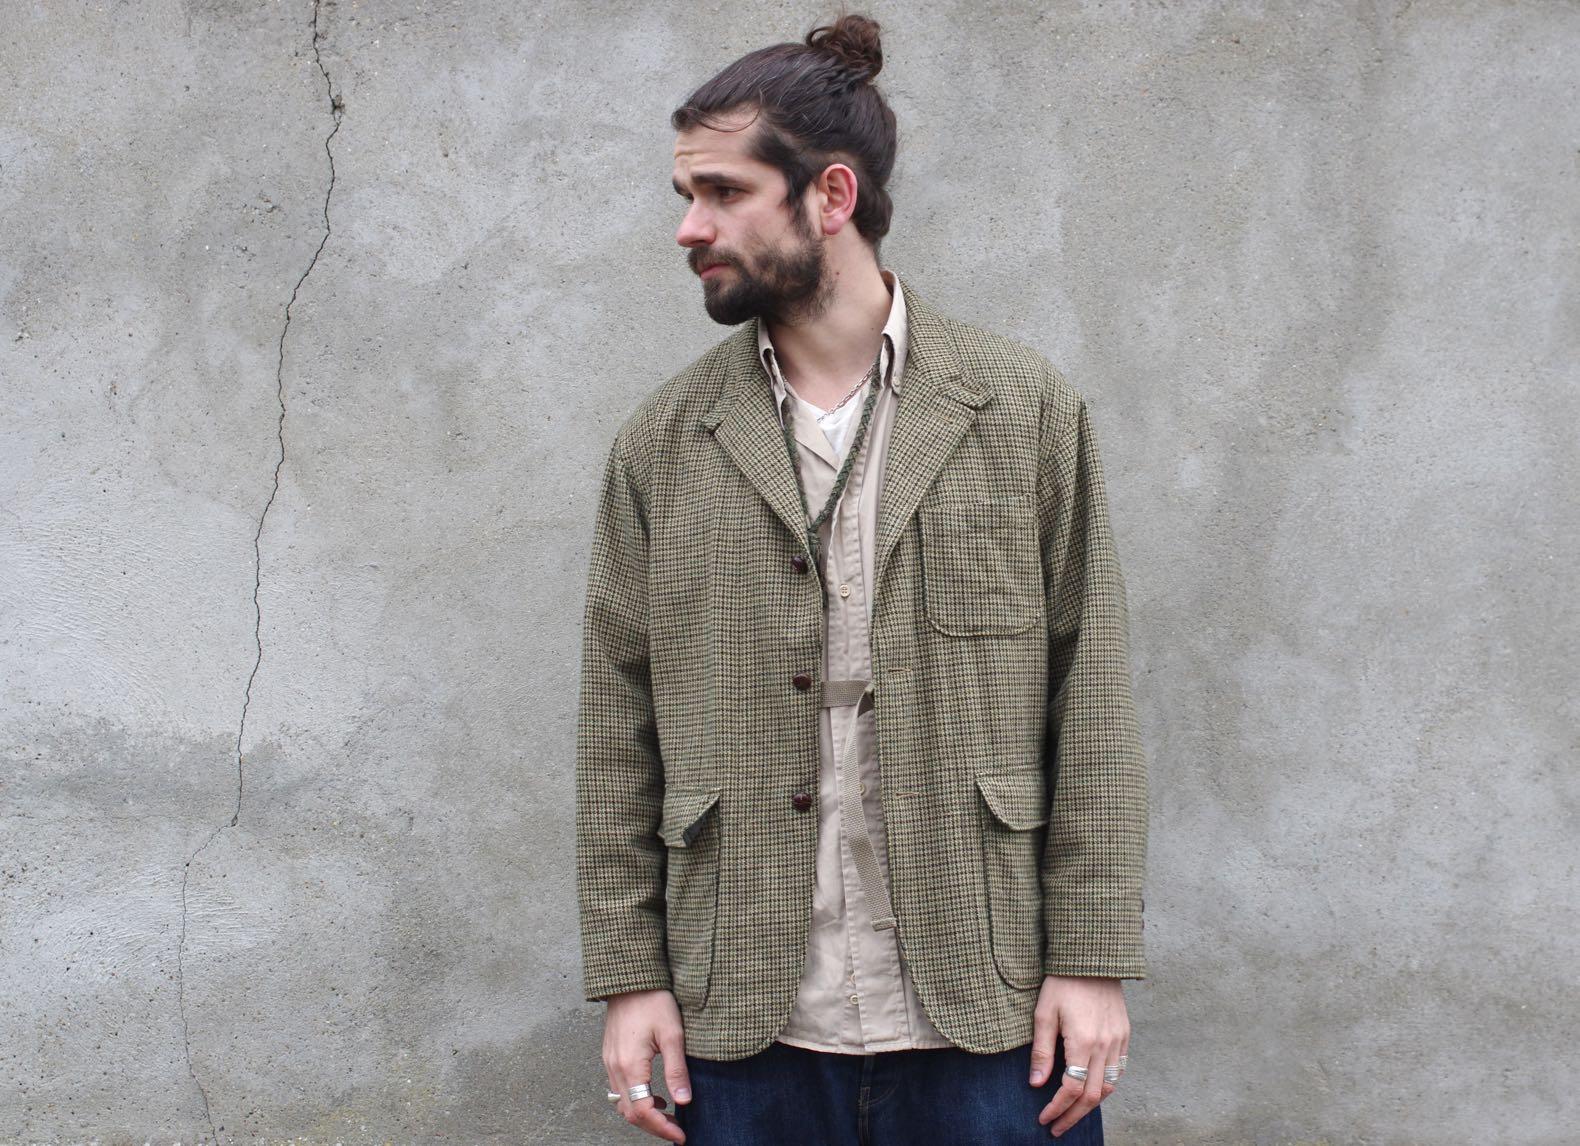 veste à motif pied de poule Loiter jacket et une chemise vintage façonnable beige